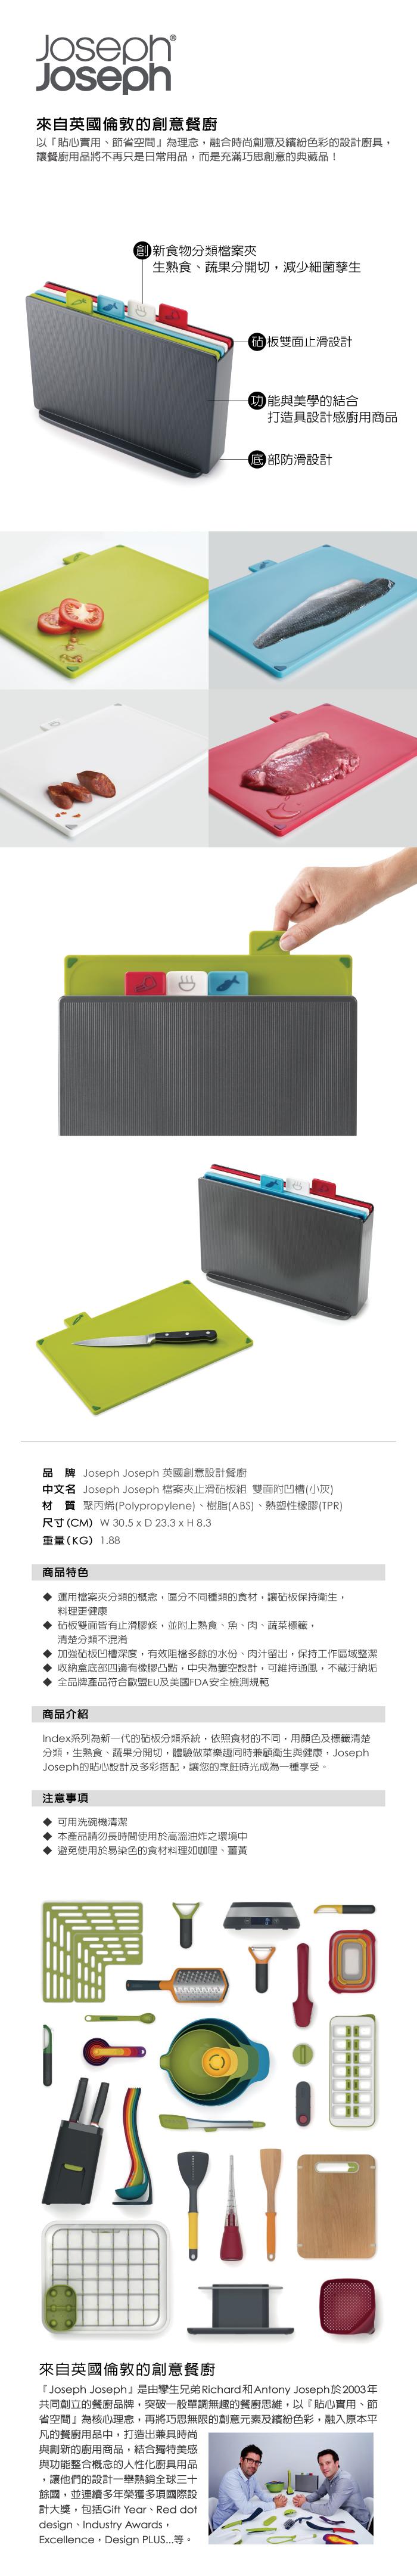 (複製)Joseph Joseph|英國創意餐廚 檔案夾止滑砧板組-雙面附凹槽(大灰)